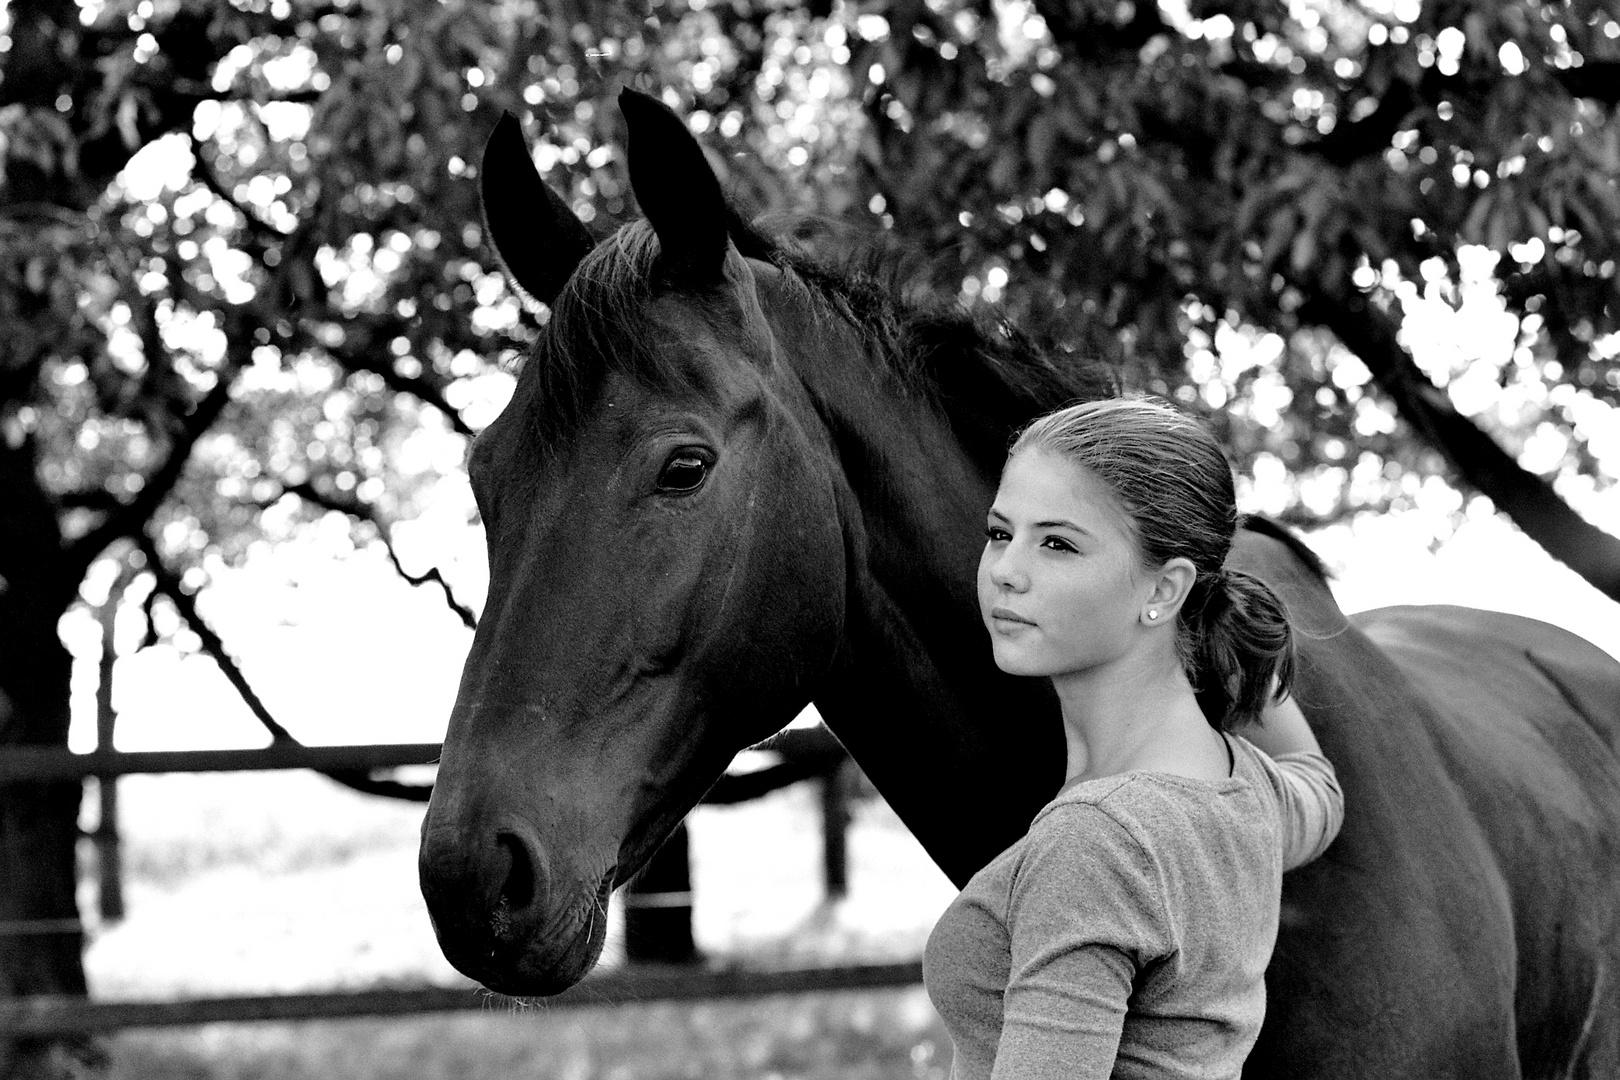 das mädchen und ihr pferd #2 foto & bild | erwachsene